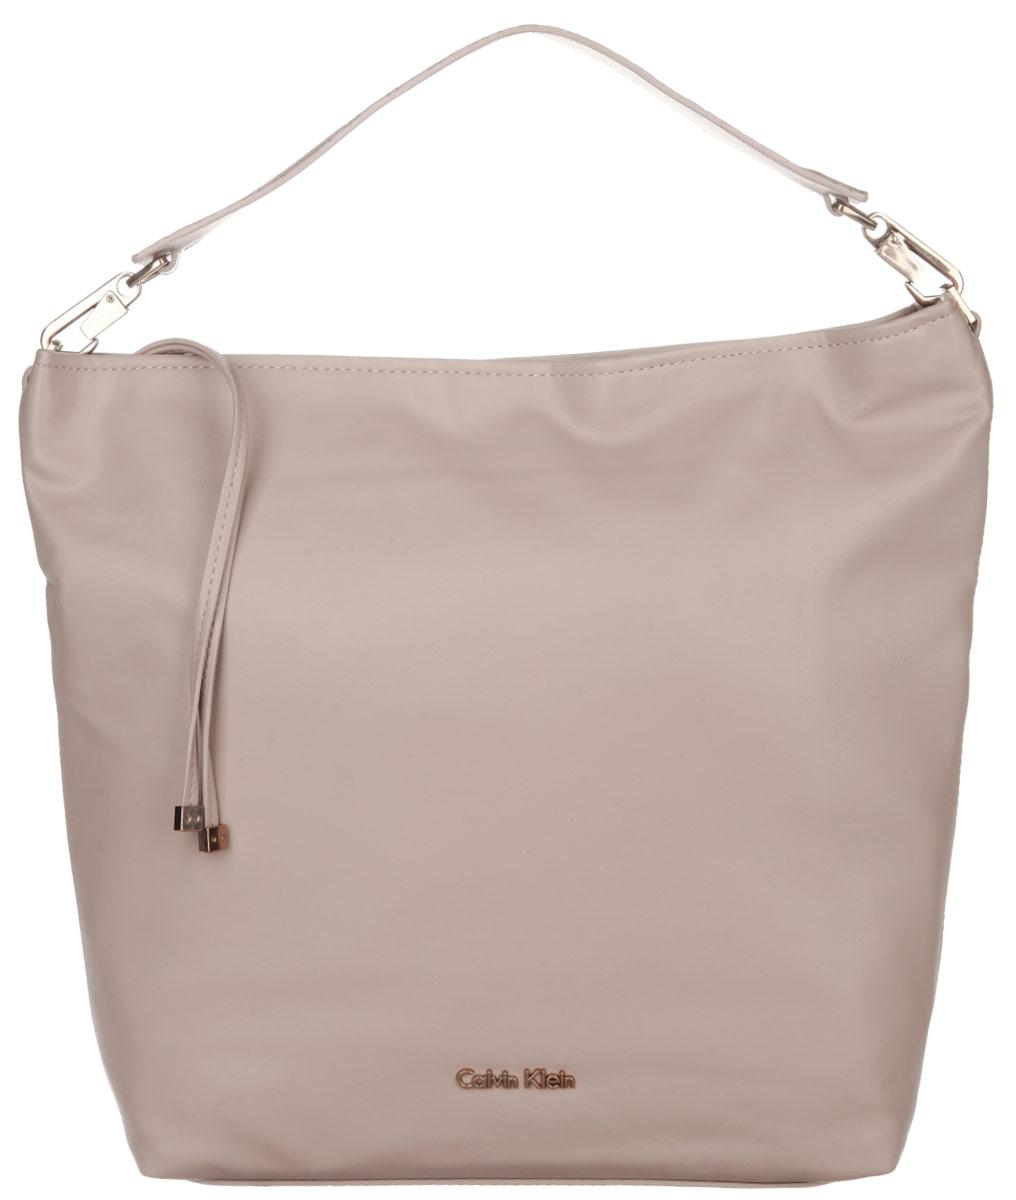 Сумка женская Calvin Klein Jeans, цвет: бежевый. K60K601383205065-001Стильная сумка женская Calvin Klein выполнена из полиуретана, оформлена металлической фурнитурой с символикой бренда.Изделие содержит одно вместительное отделение и закрывается на молнию. Внутри расположены: два накладных кармана и врезной карман на молнии.Сумка оснащена съемной широкой лямкой для переноски.Оригинальный аксессуар от Calvin Klein Jeans позволит вам завершить образ и быть неотразимой.